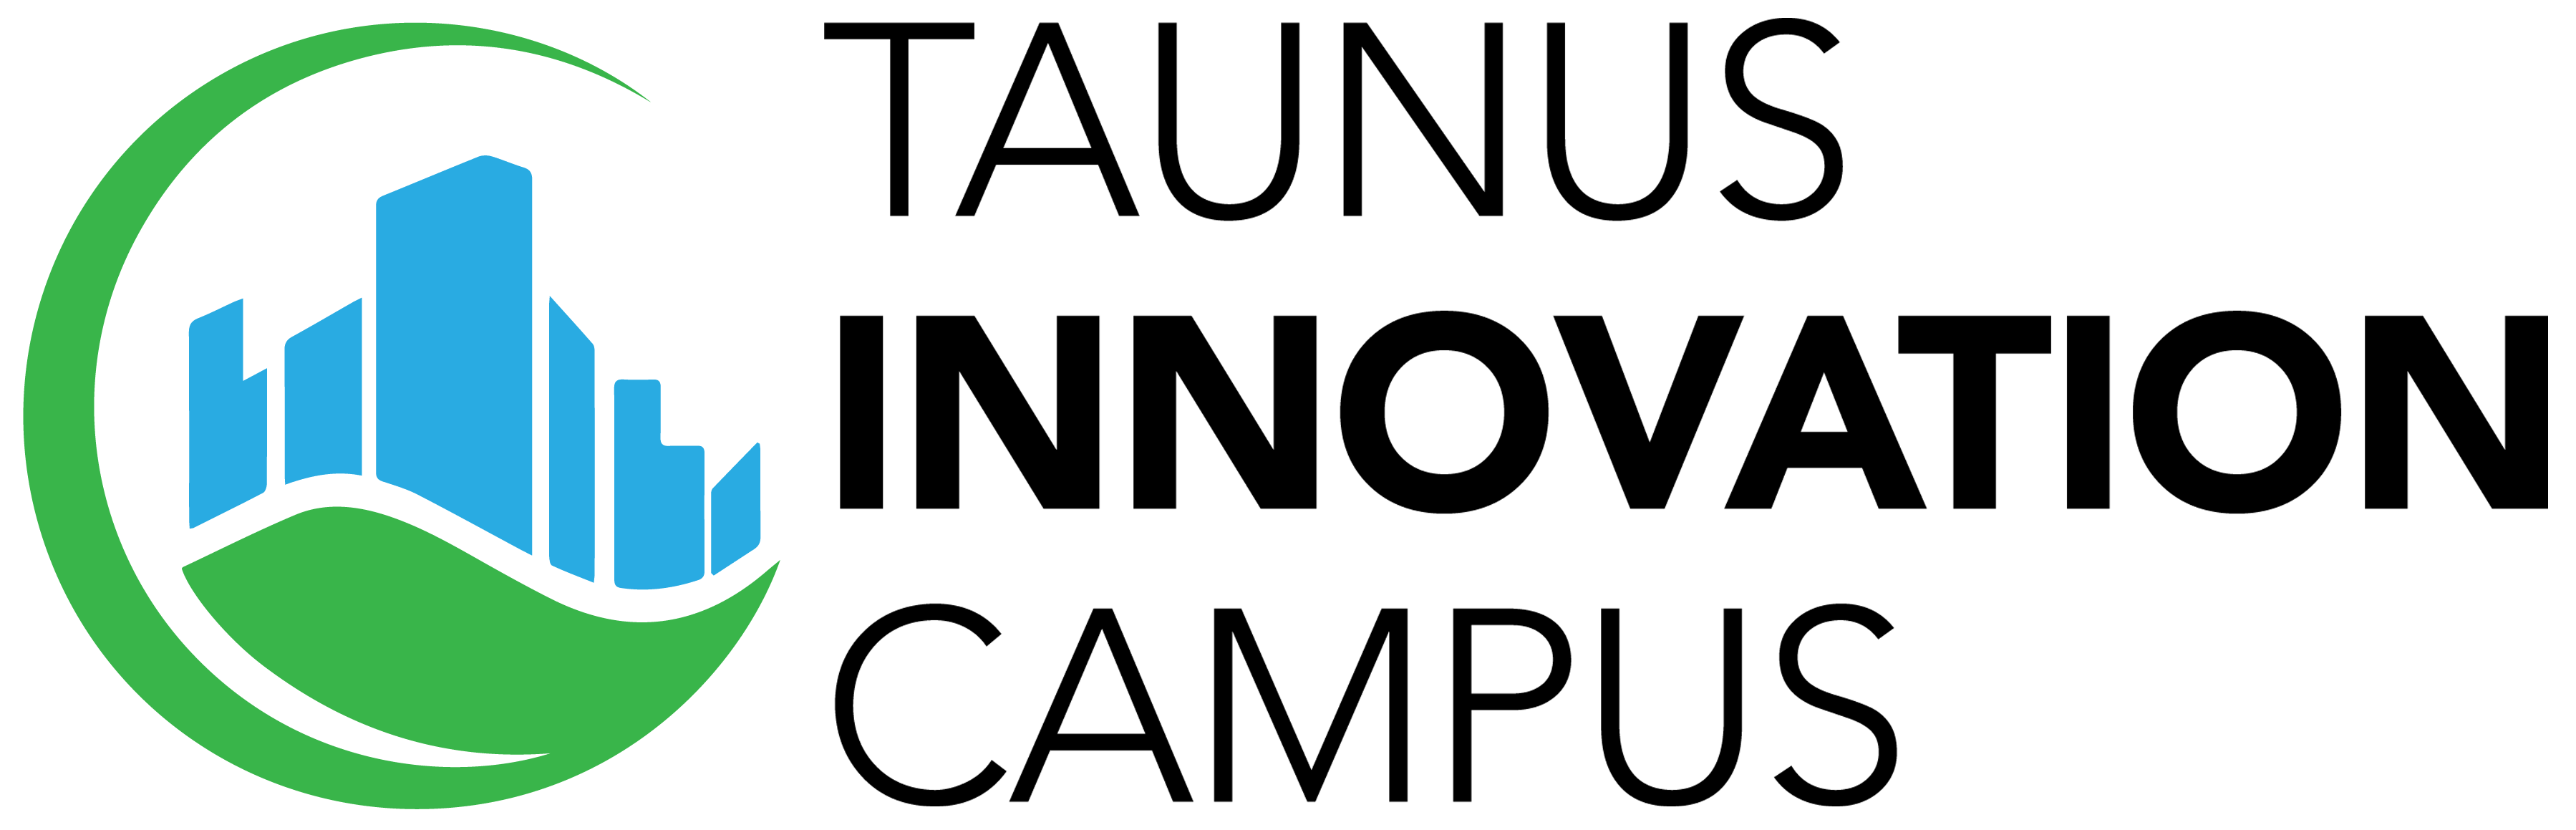 Taunus Innovation Campus in Hattersheim